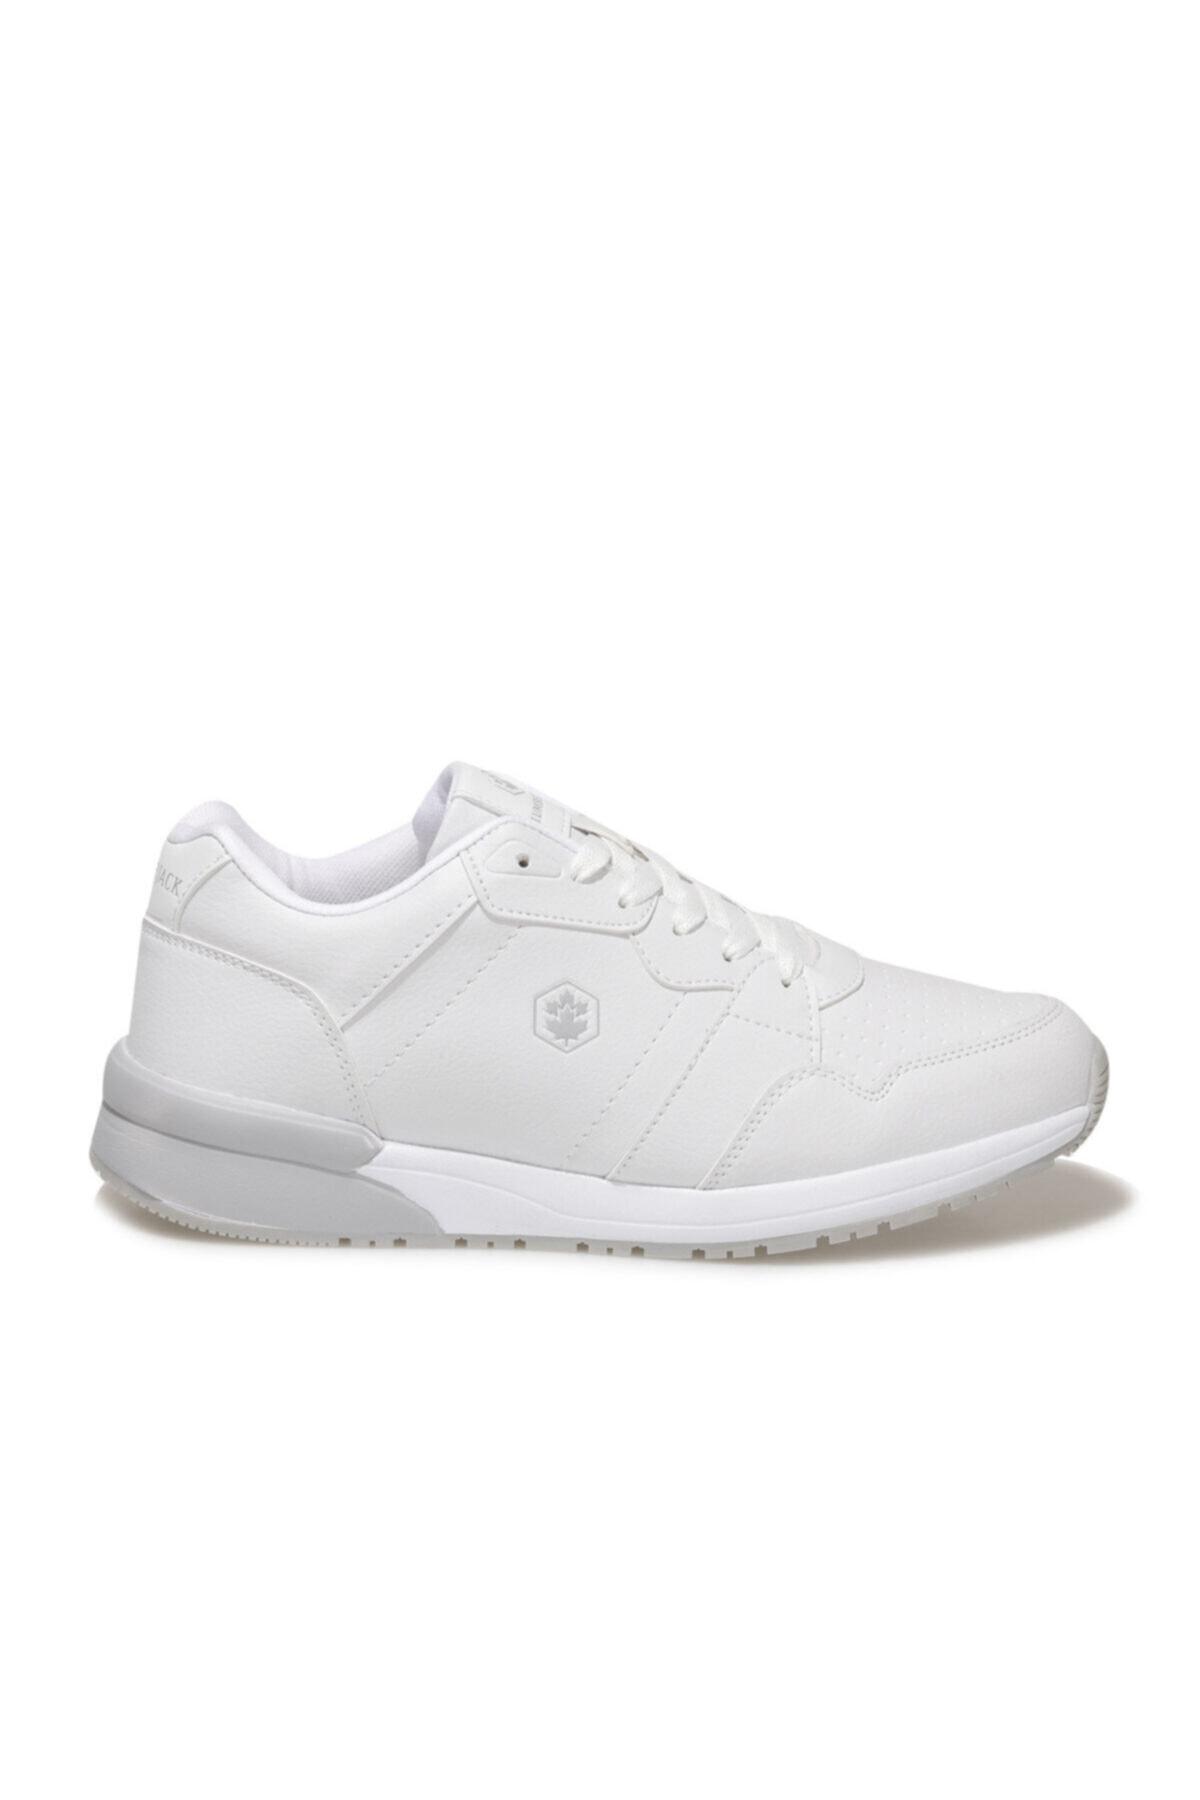 lumberjack MYKONOS Beyaz Erkek Sneaker Ayakkabı 100557573 2